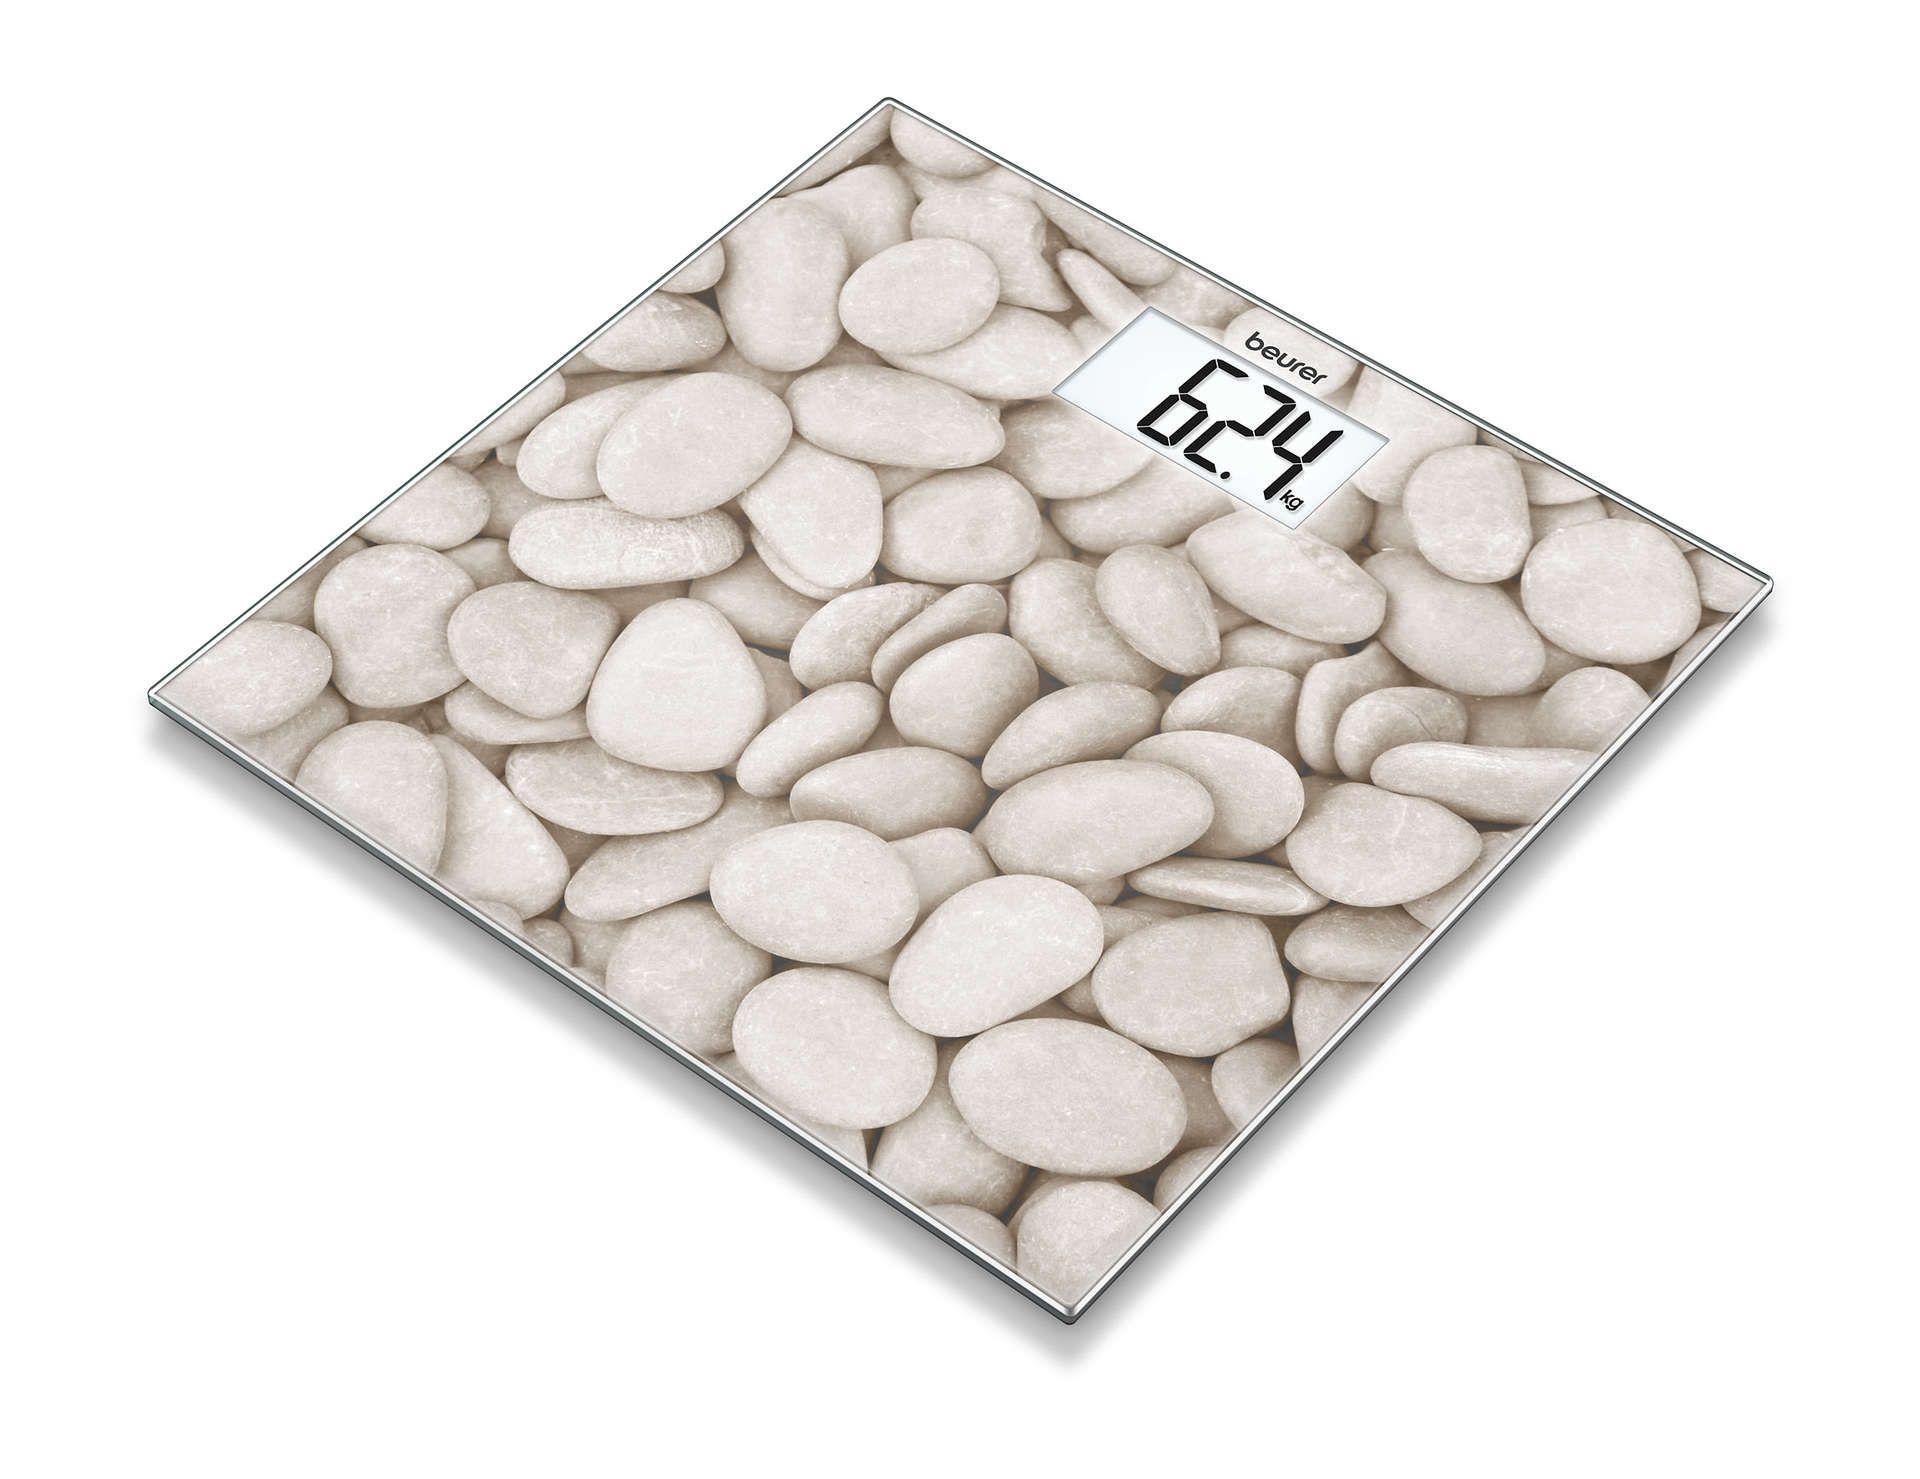 gs 203 stone glaswaage beurer. Black Bedroom Furniture Sets. Home Design Ideas